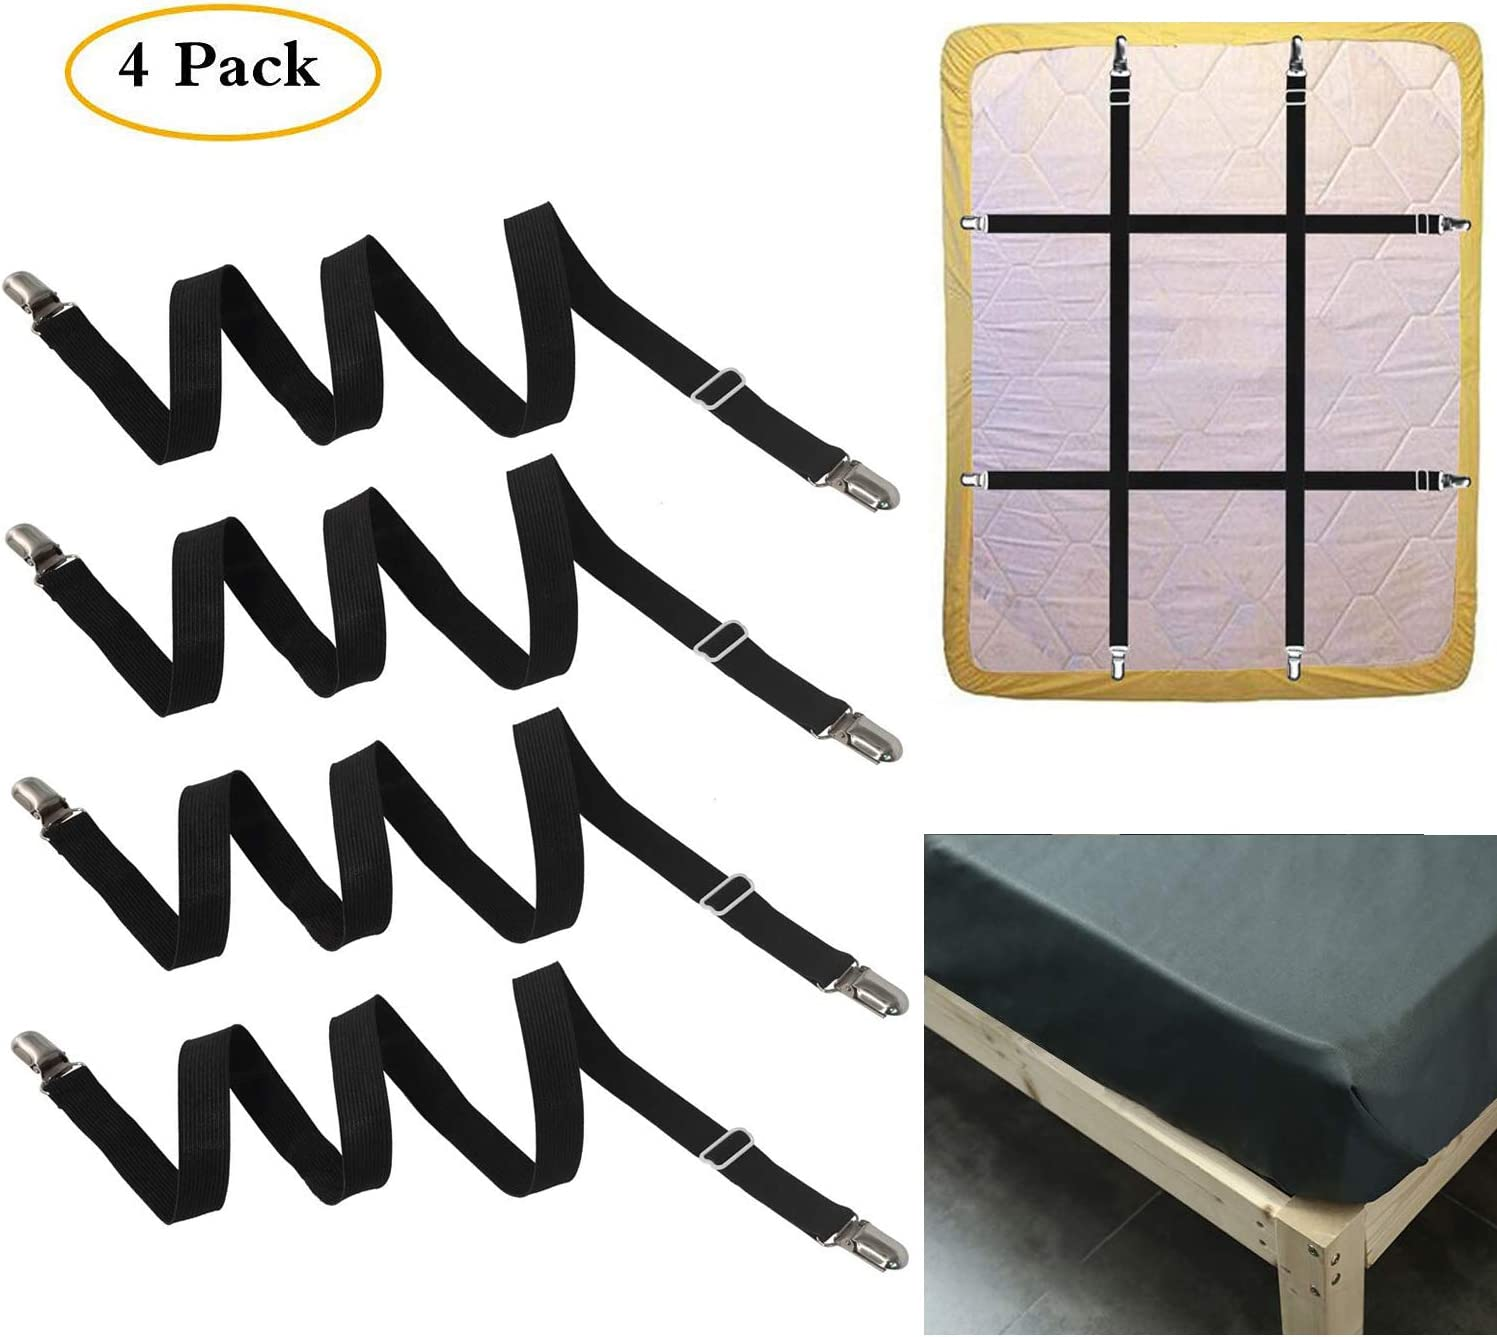 FLSLHS - Clips para sábanas de cama, tirantes, correas de sujeción, apto para todos los colchones cuadrados (4 paquetes/juego)